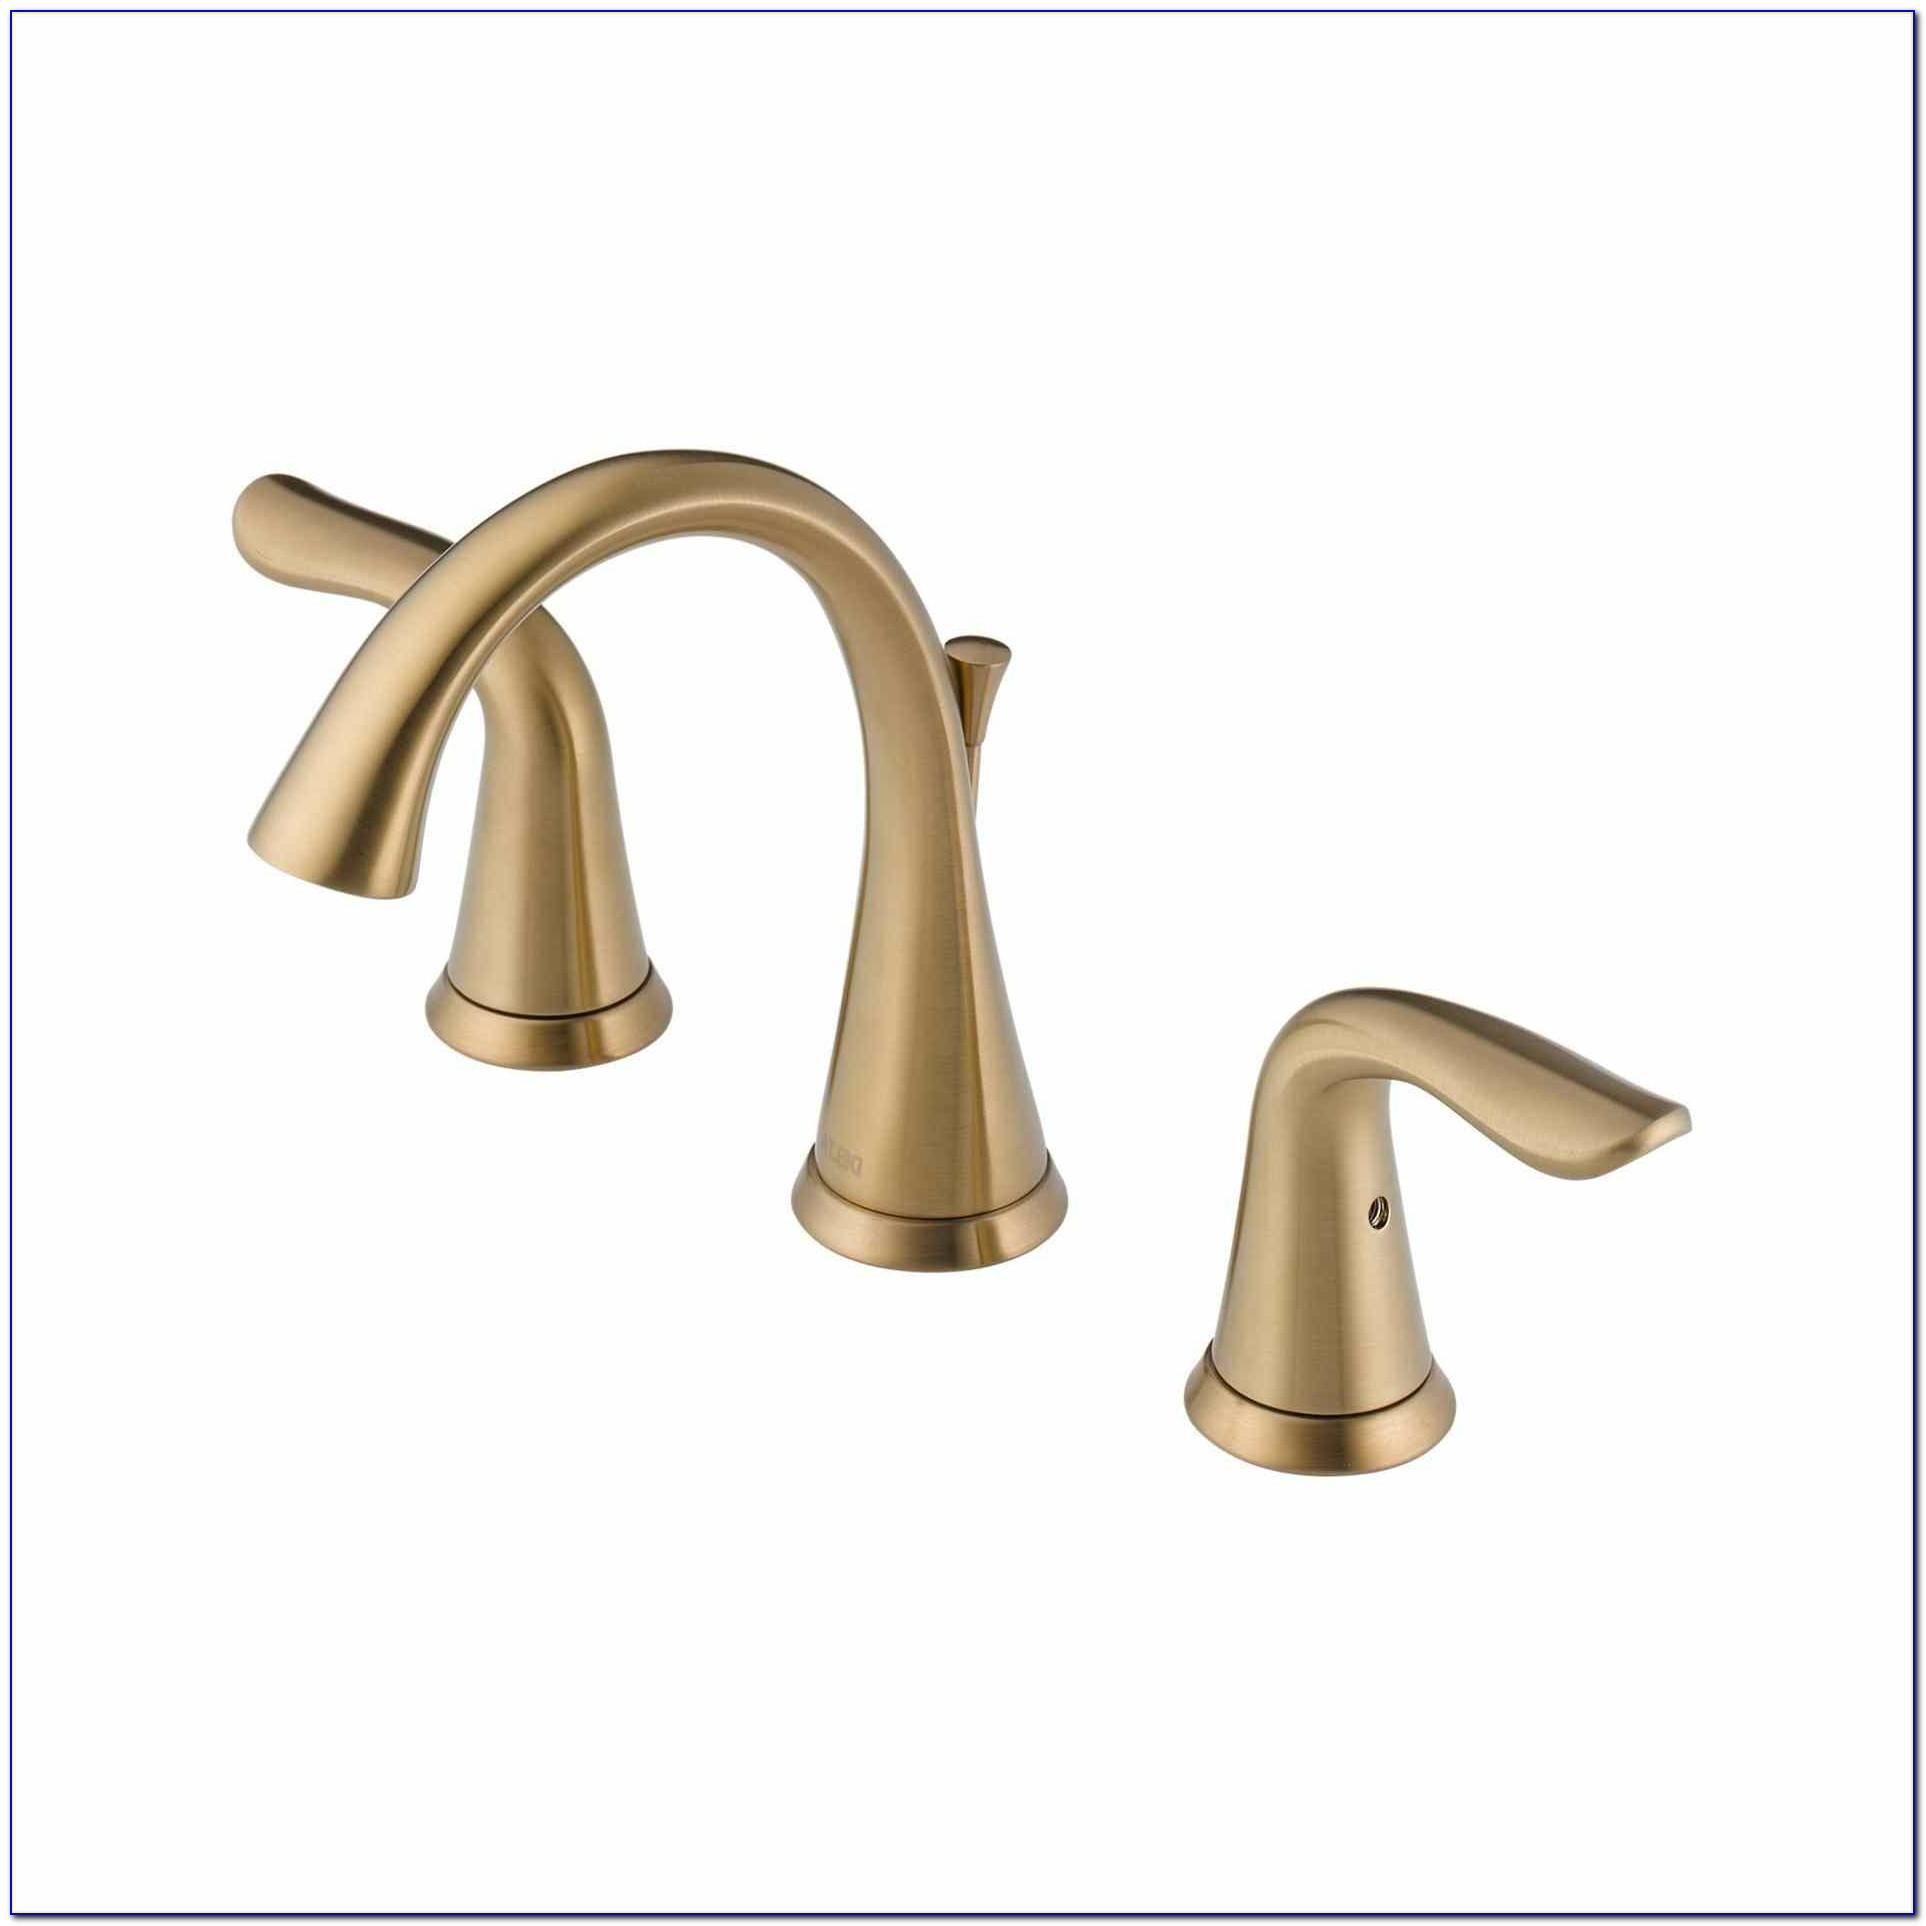 Delta Bathroom Faucets Satin Nickel